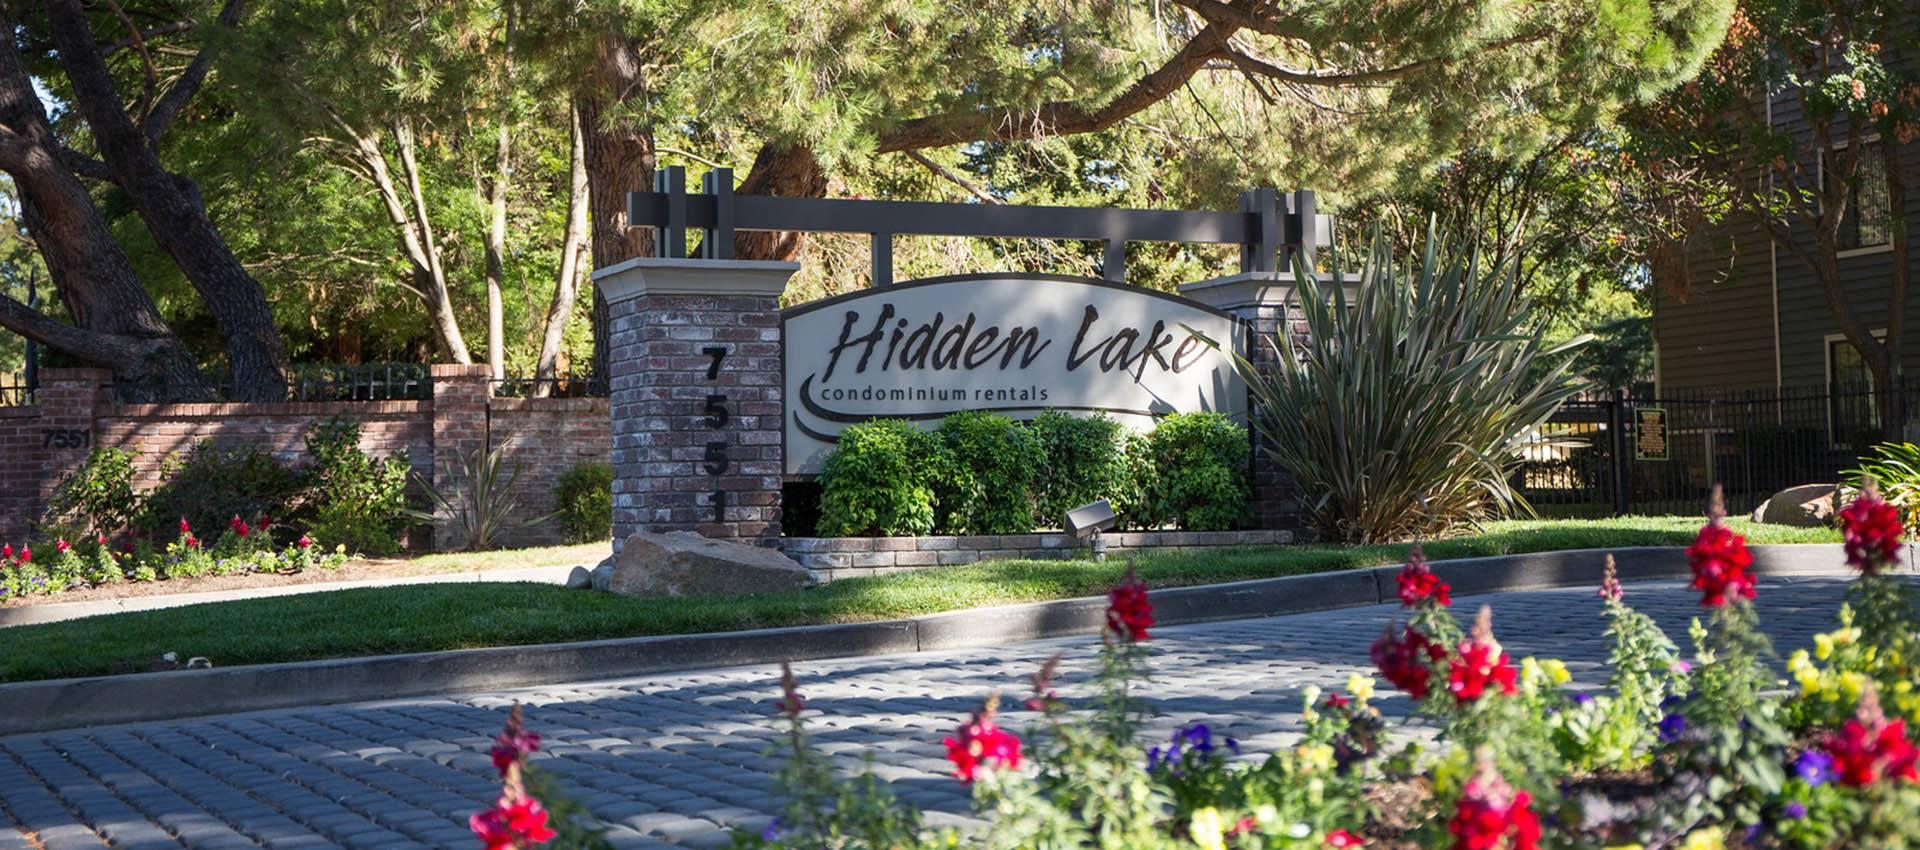 Signage at Hidden Lake Condominium Rentals in Sacramento, CA